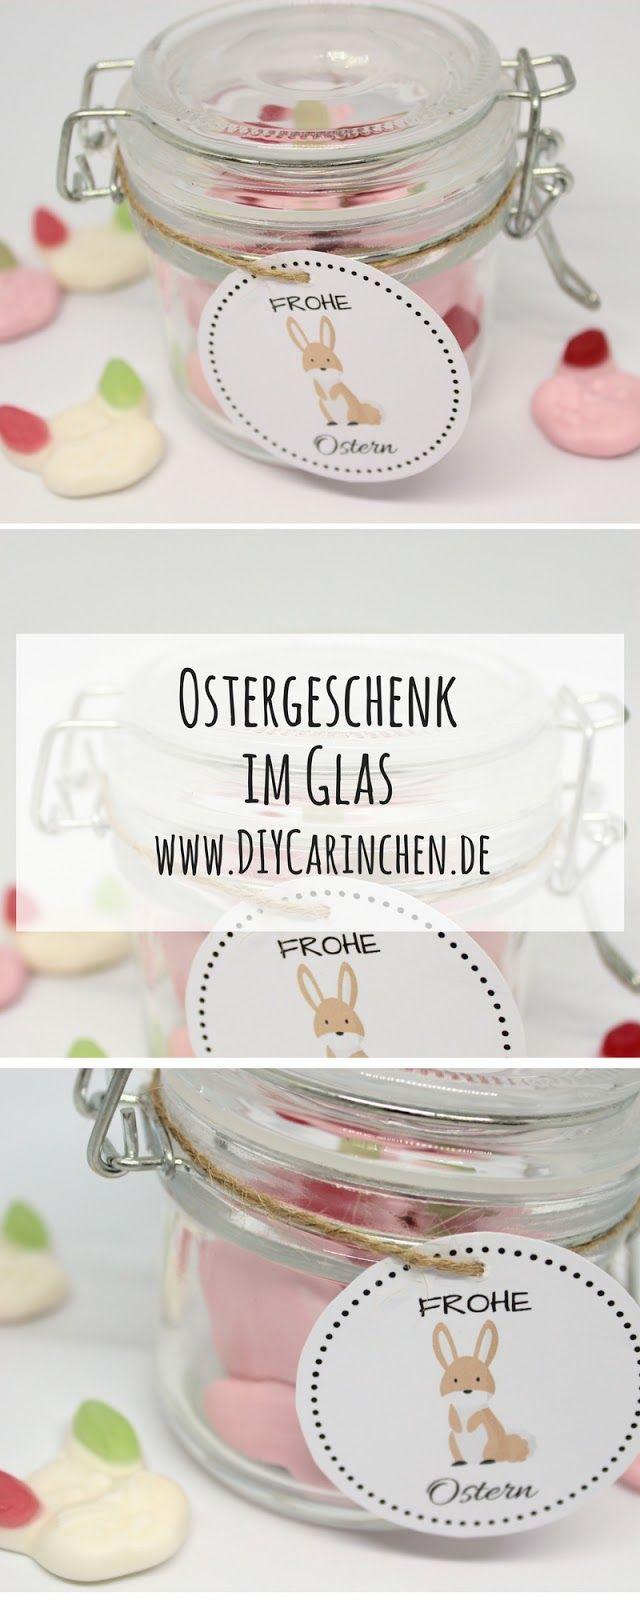 diy ostergeschenk im glas mit s en hasen kostenlose vorlage diy geschenke pinterest. Black Bedroom Furniture Sets. Home Design Ideas